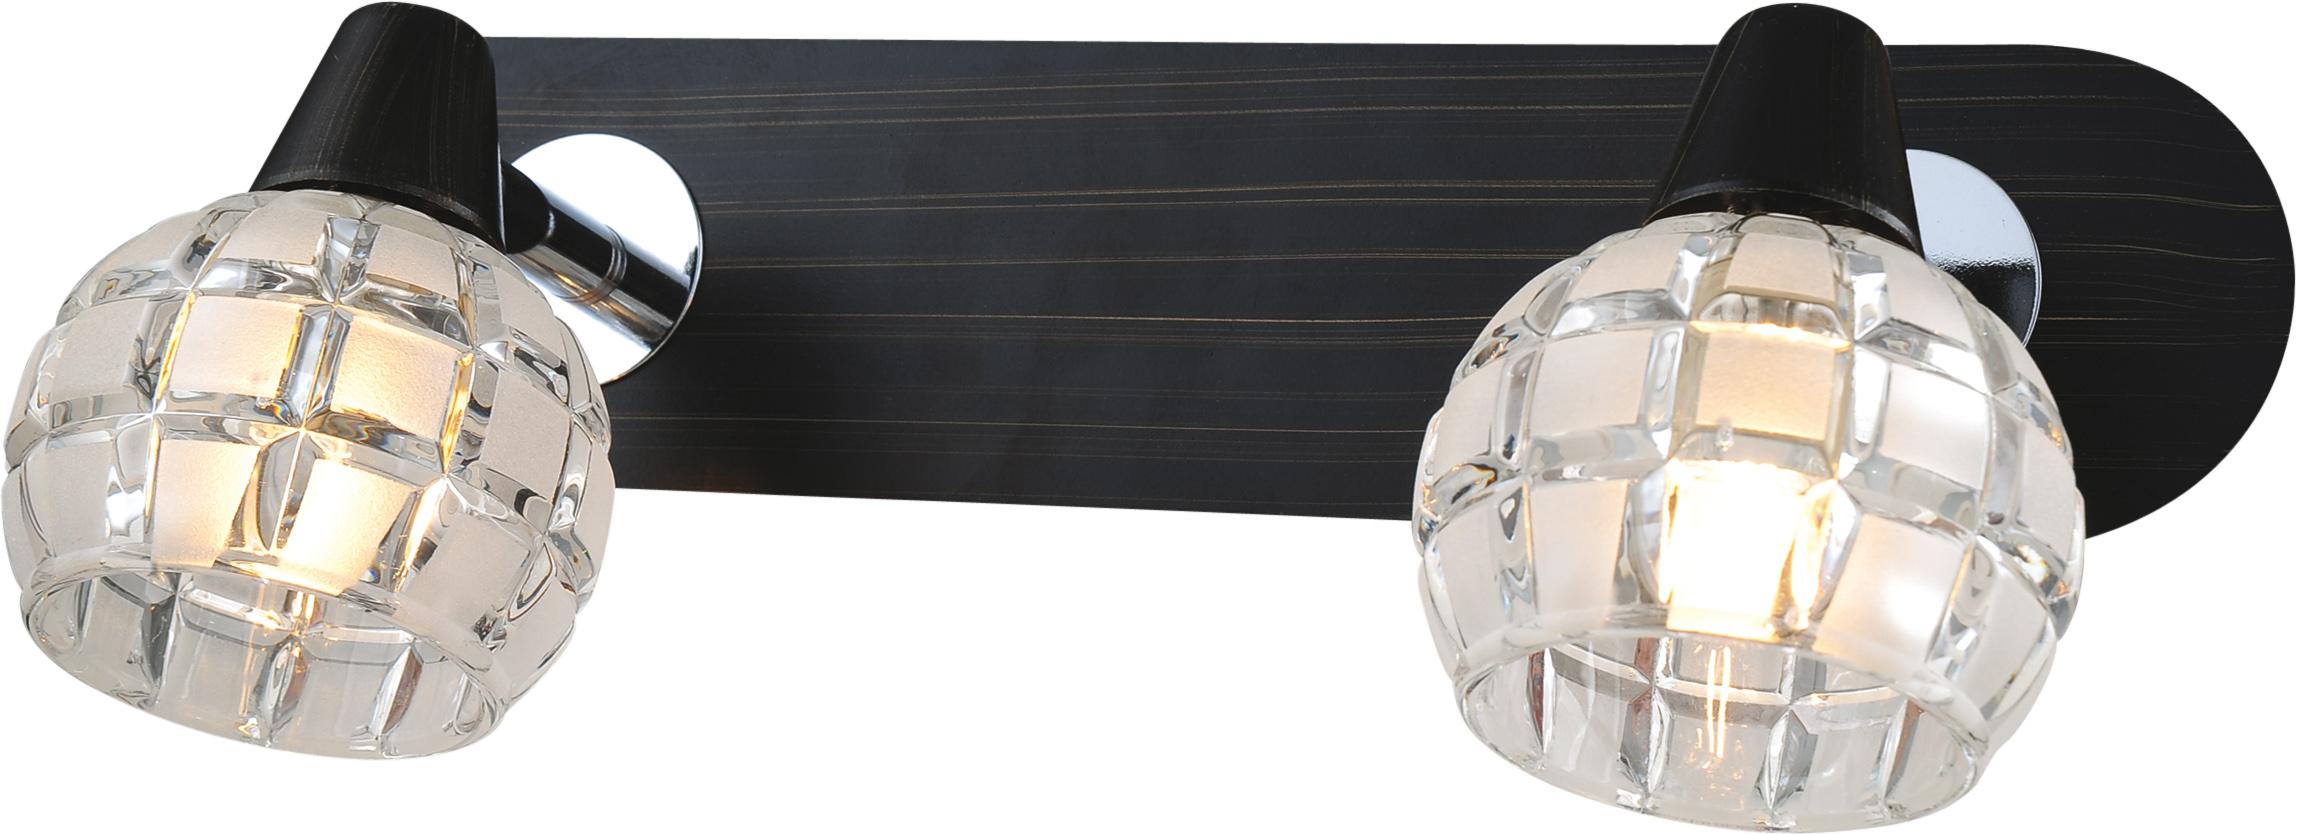 Спот LussoleСпоты<br>Тип: спот,<br>Стиль светильника: модерн,<br>Материал светильника: металл, стекло,<br>Количество ламп: 2,<br>Тип лампы: галогенная,<br>Мощность: 40,<br>Патрон: G9,<br>Цвет арматуры: хром,<br>Ширина: 110<br>